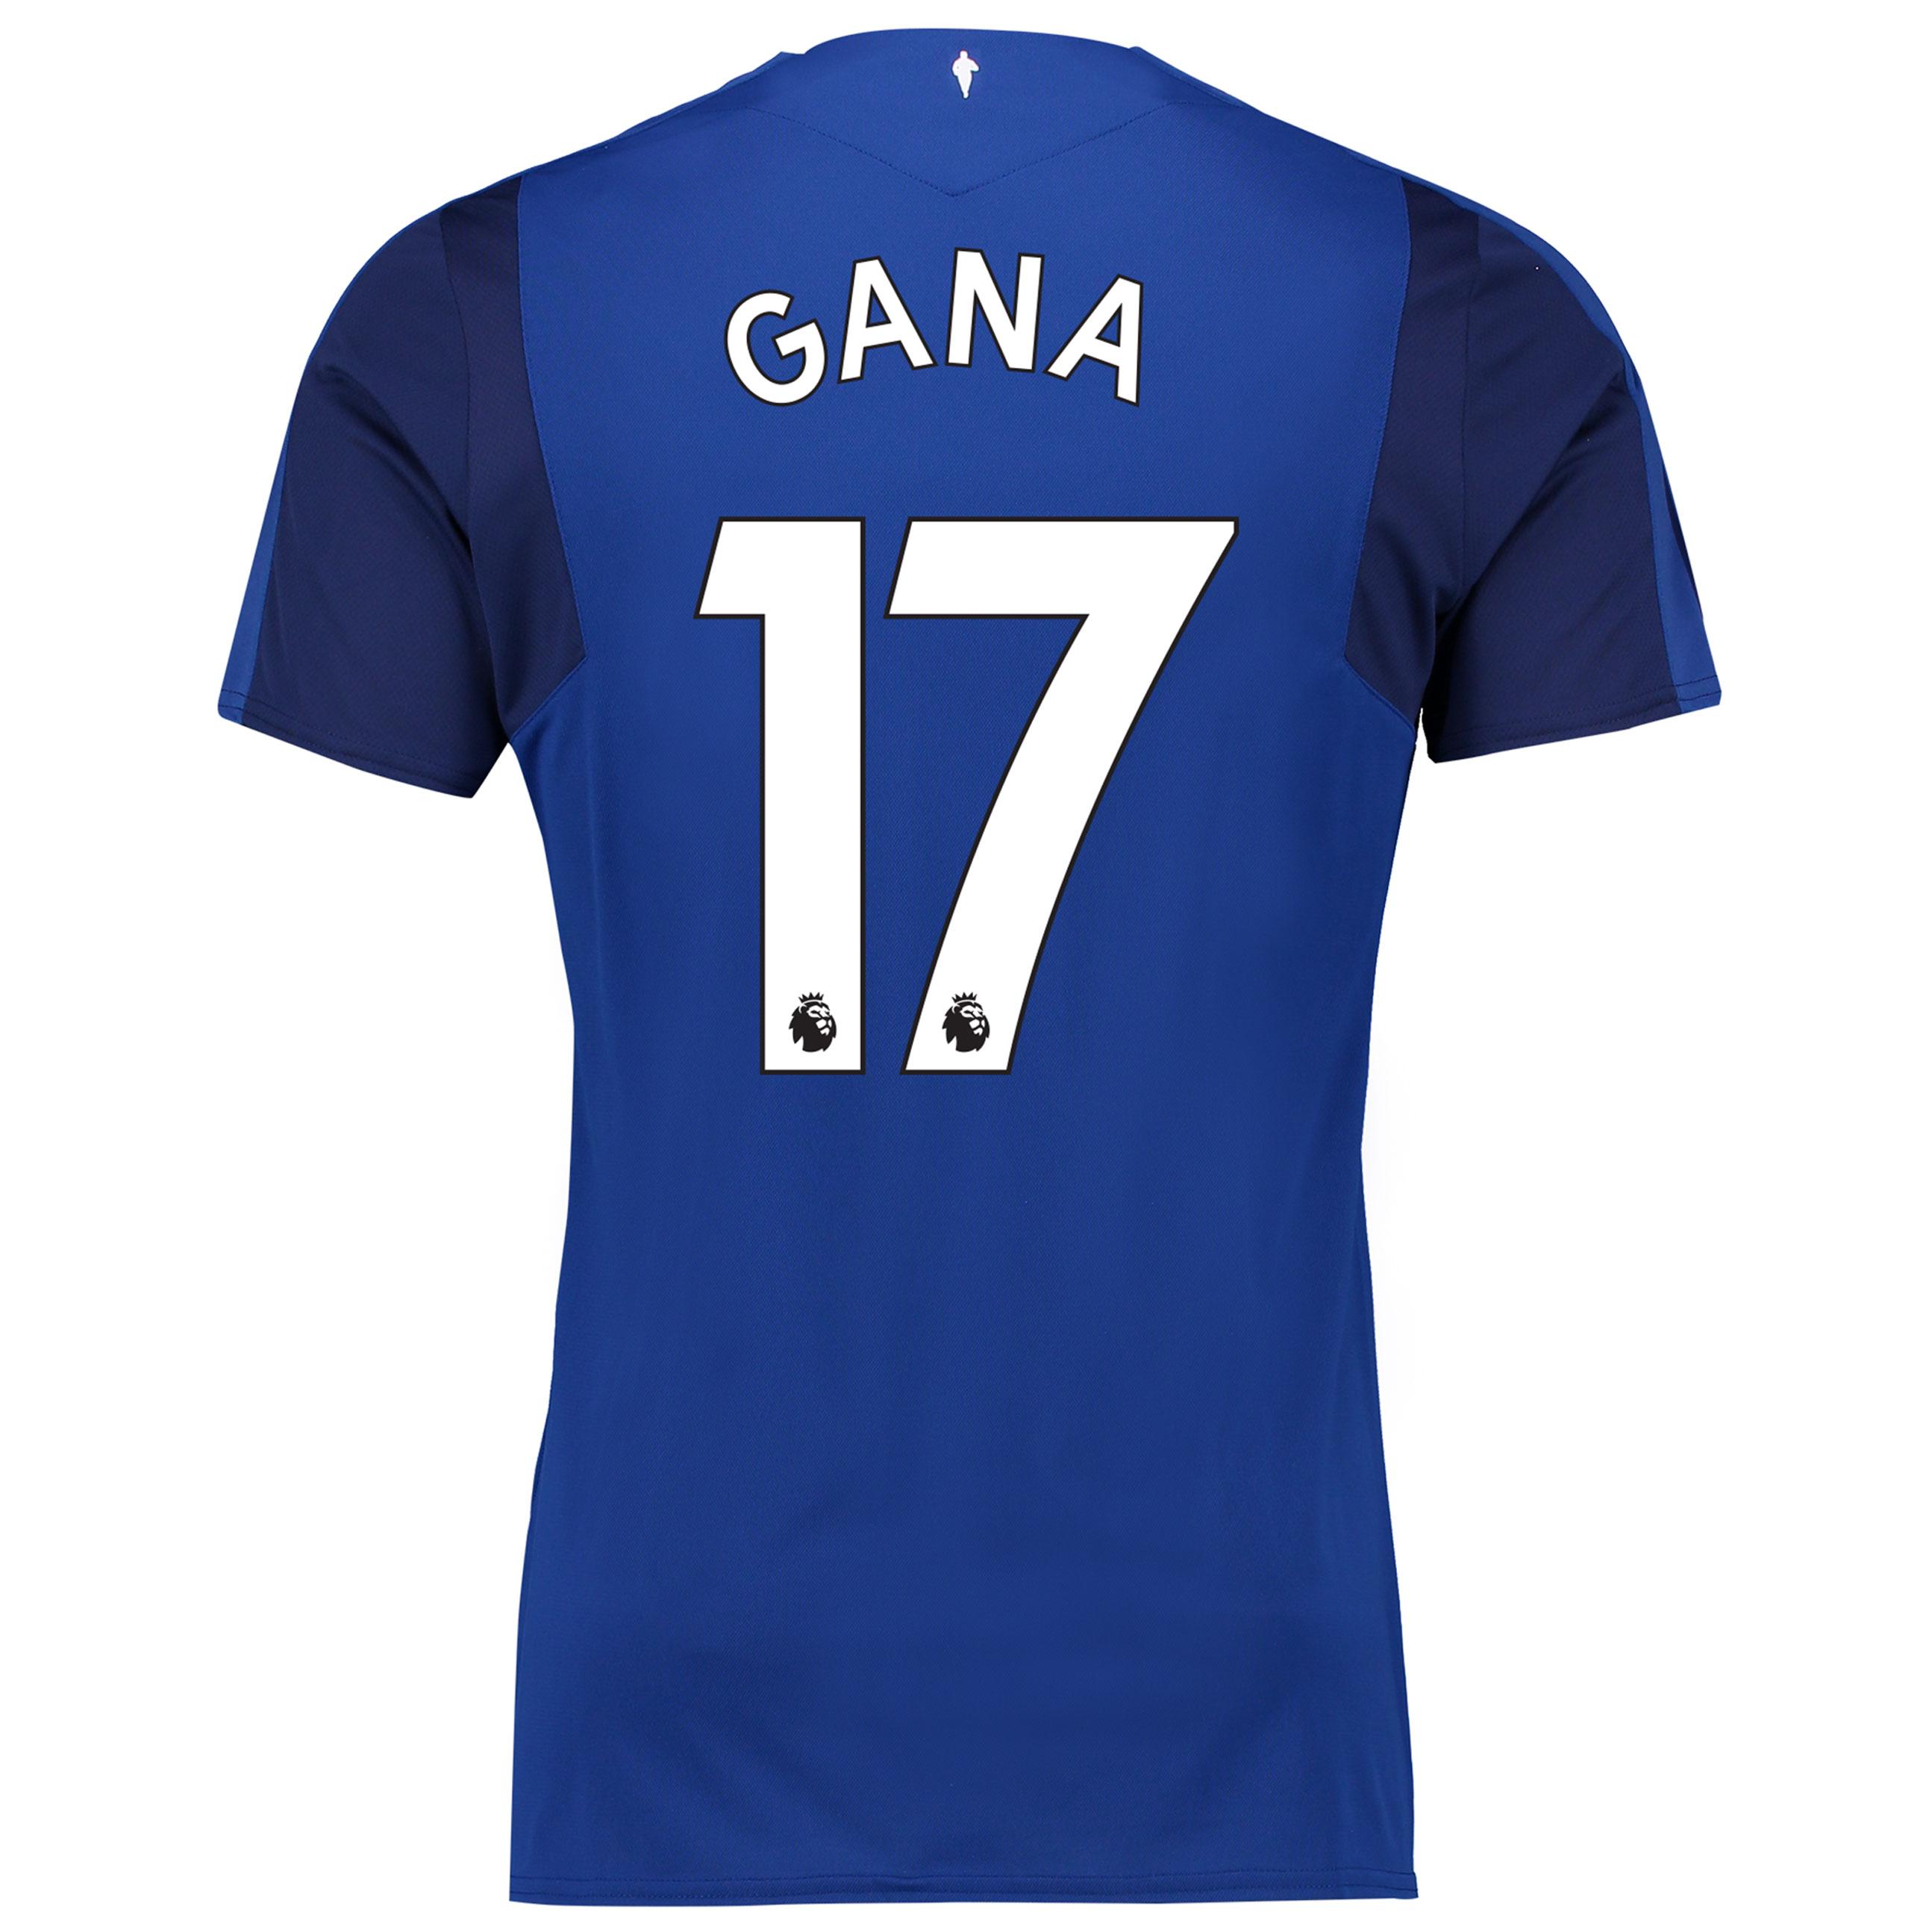 Everton Home Shirt 2017/18 with Gana 17 printing